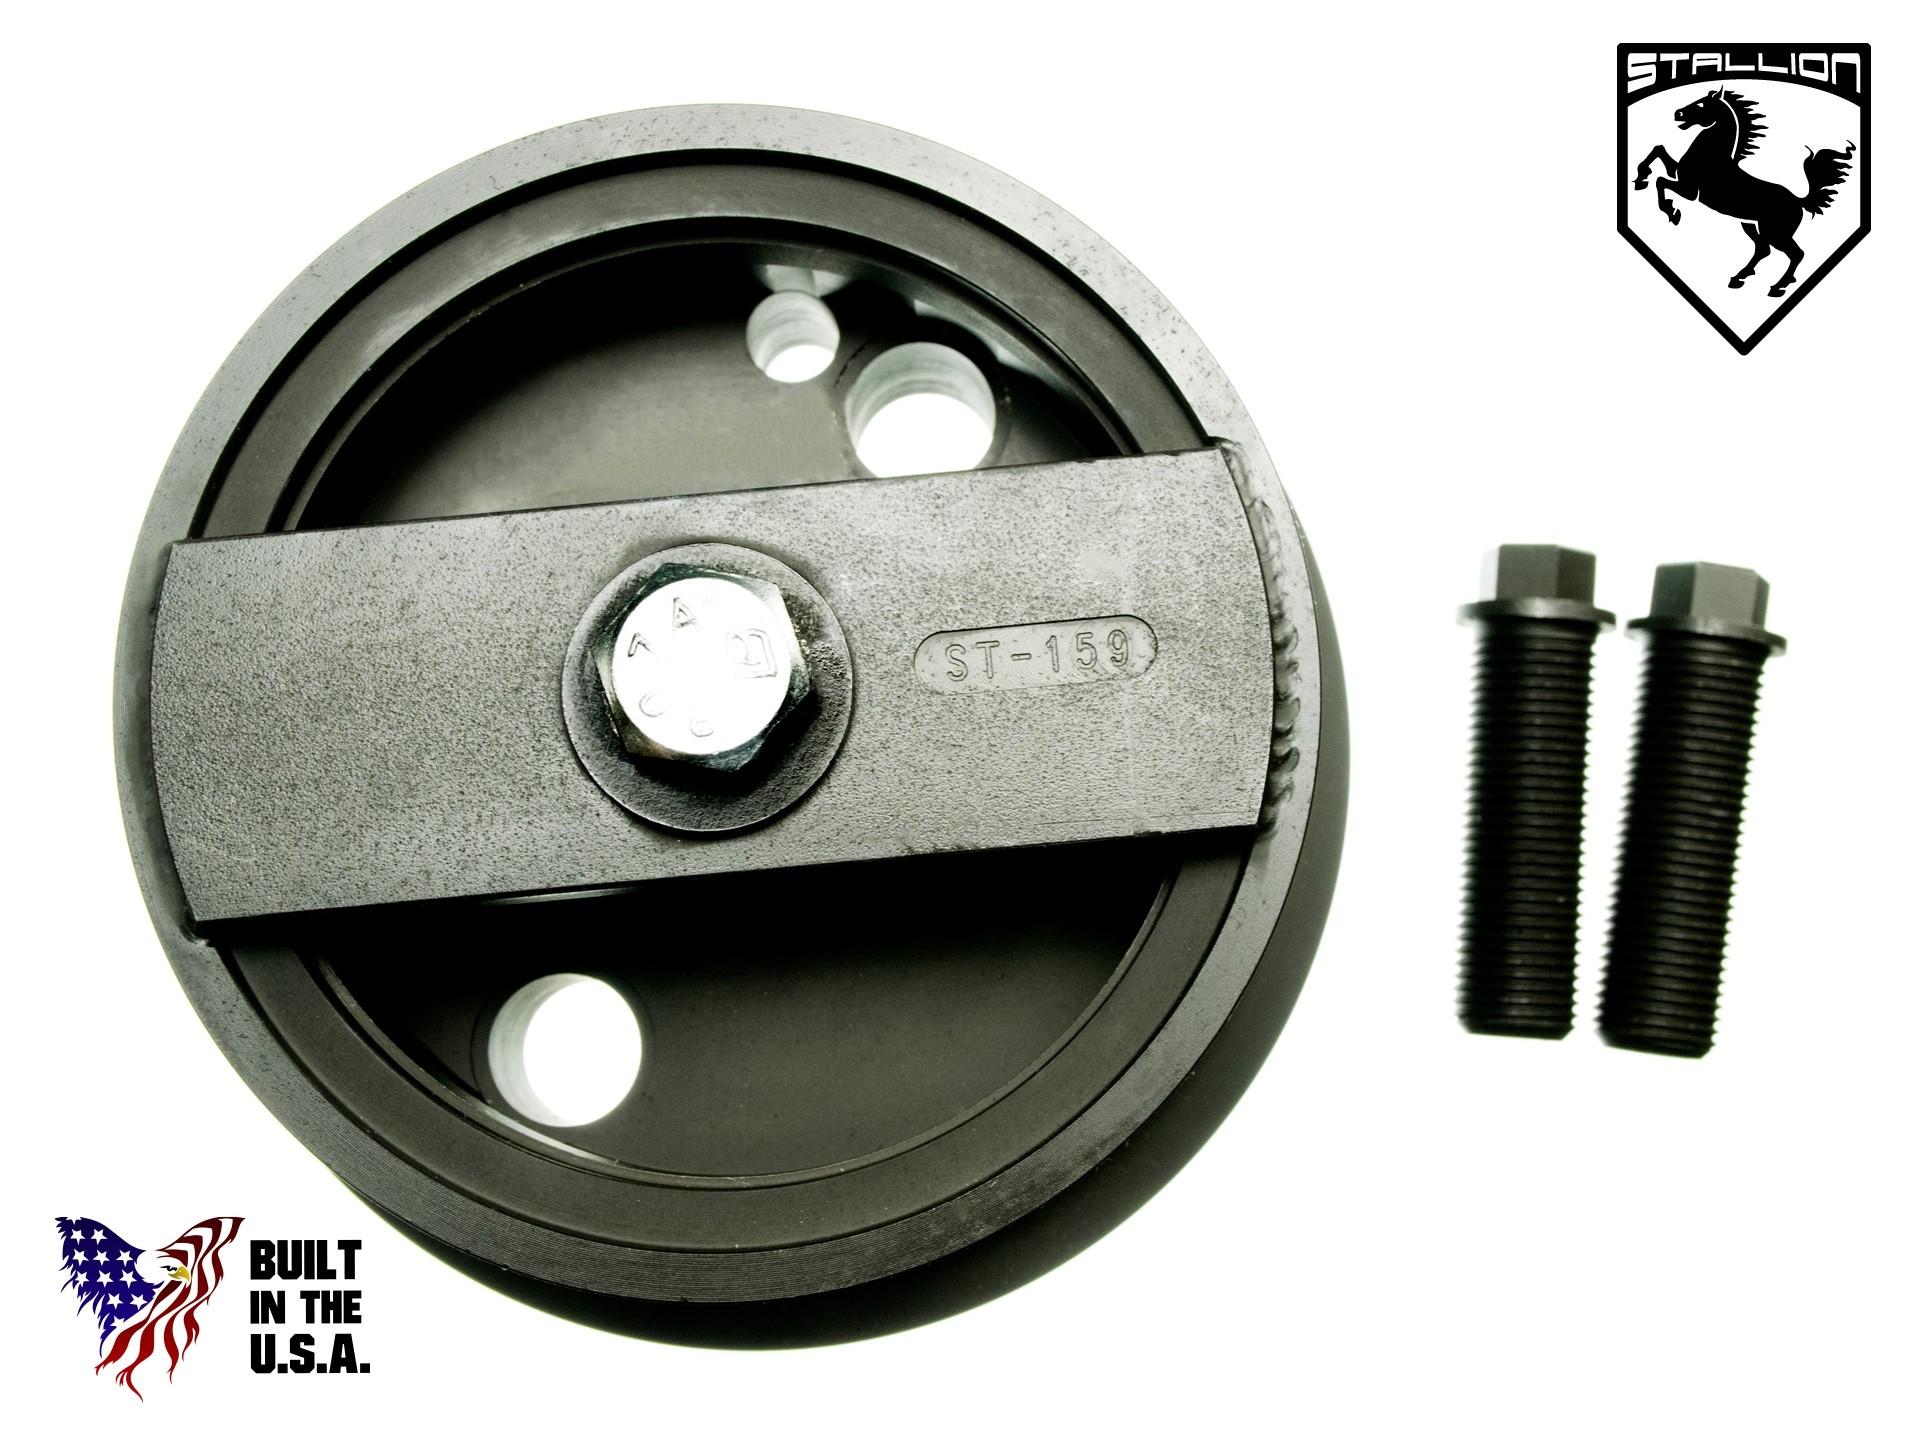 J-43282-RR Rear Crankshaft Oil Seal Slinger Installer Alt ST-159